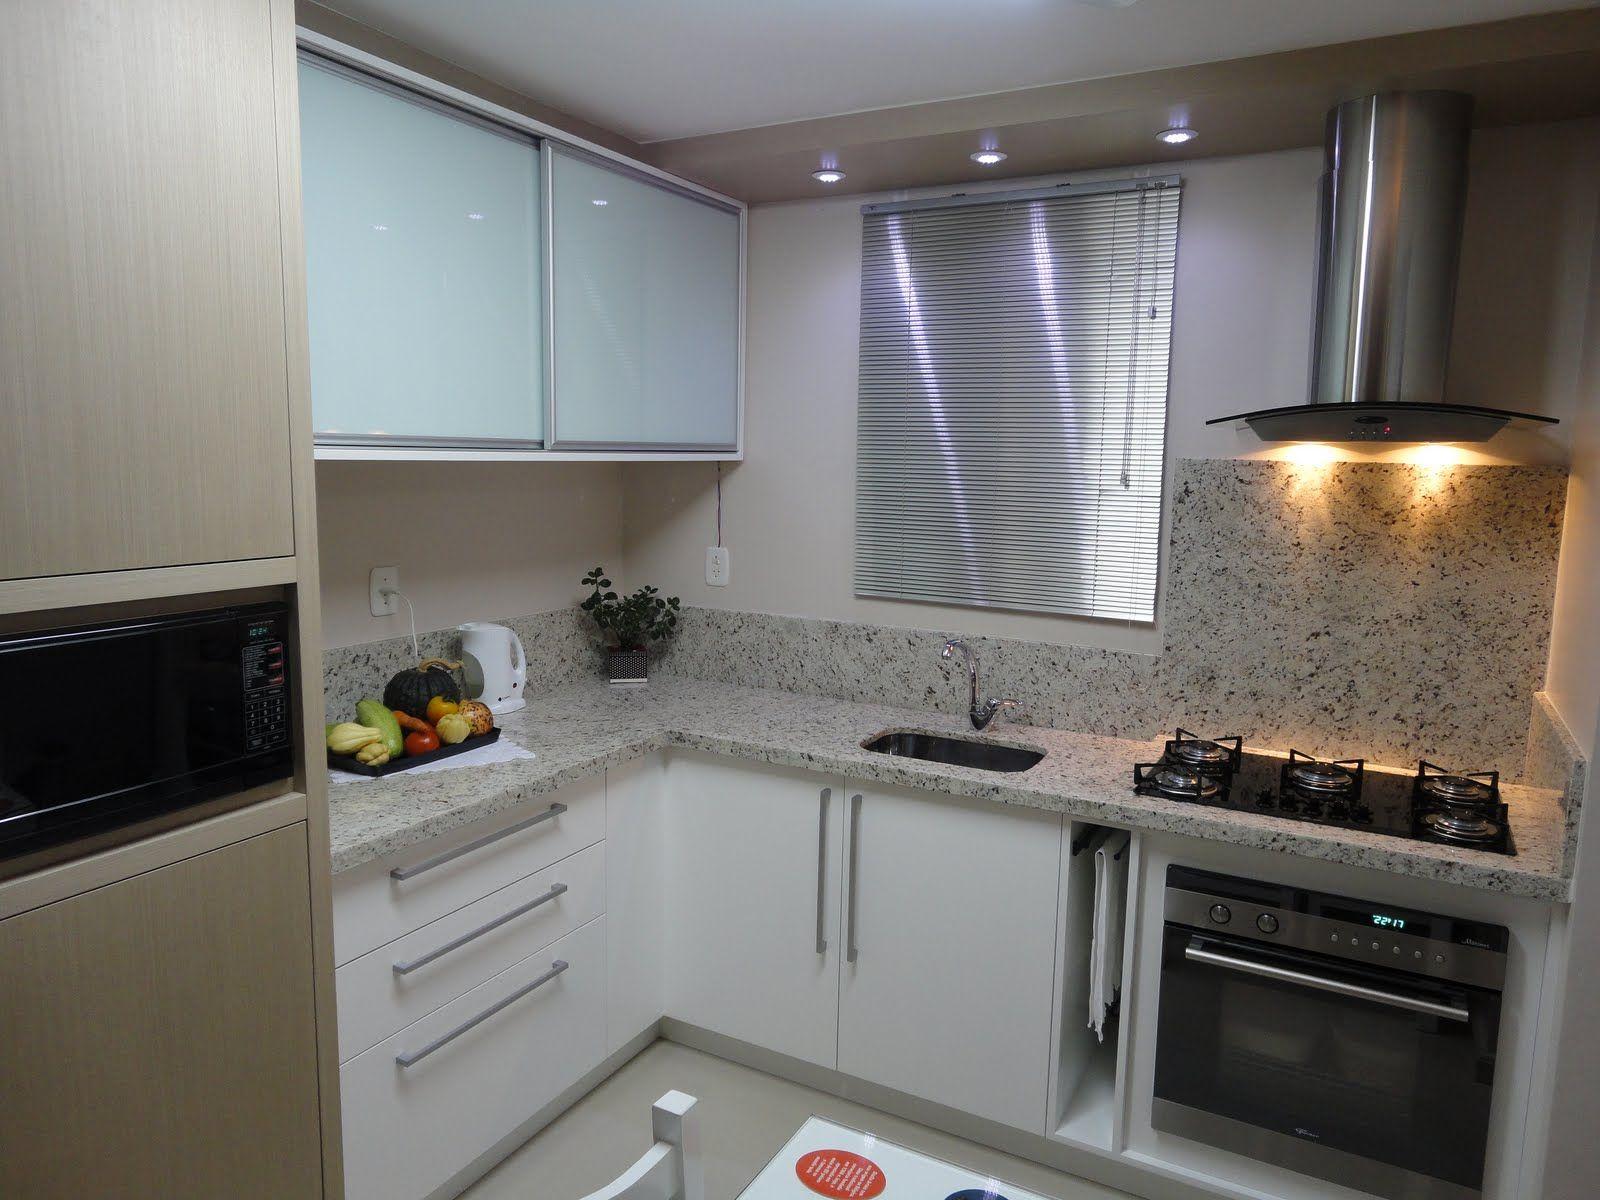 Casas De Um Só Andar Puxadores De Cômoda e Cozinha Em Forma De U #846047 1600 1200